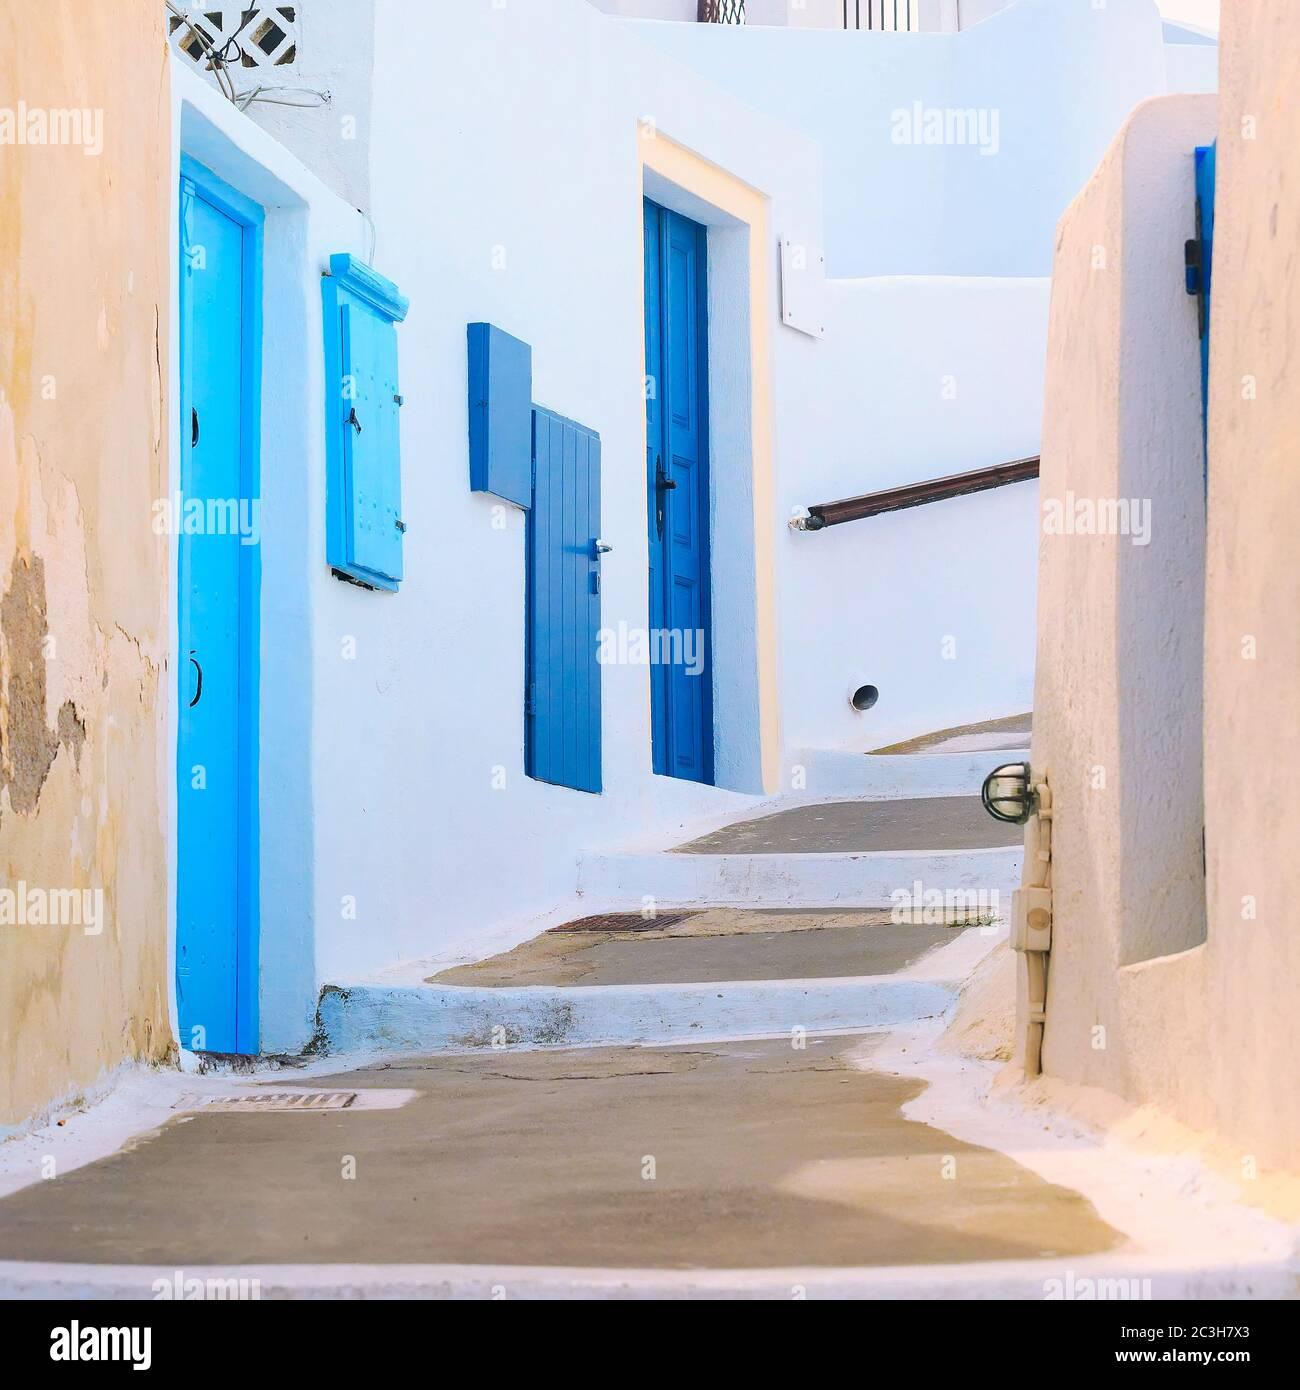 Maison grecque blanche et bleue, Grèce, Cyclades Banque D'Images